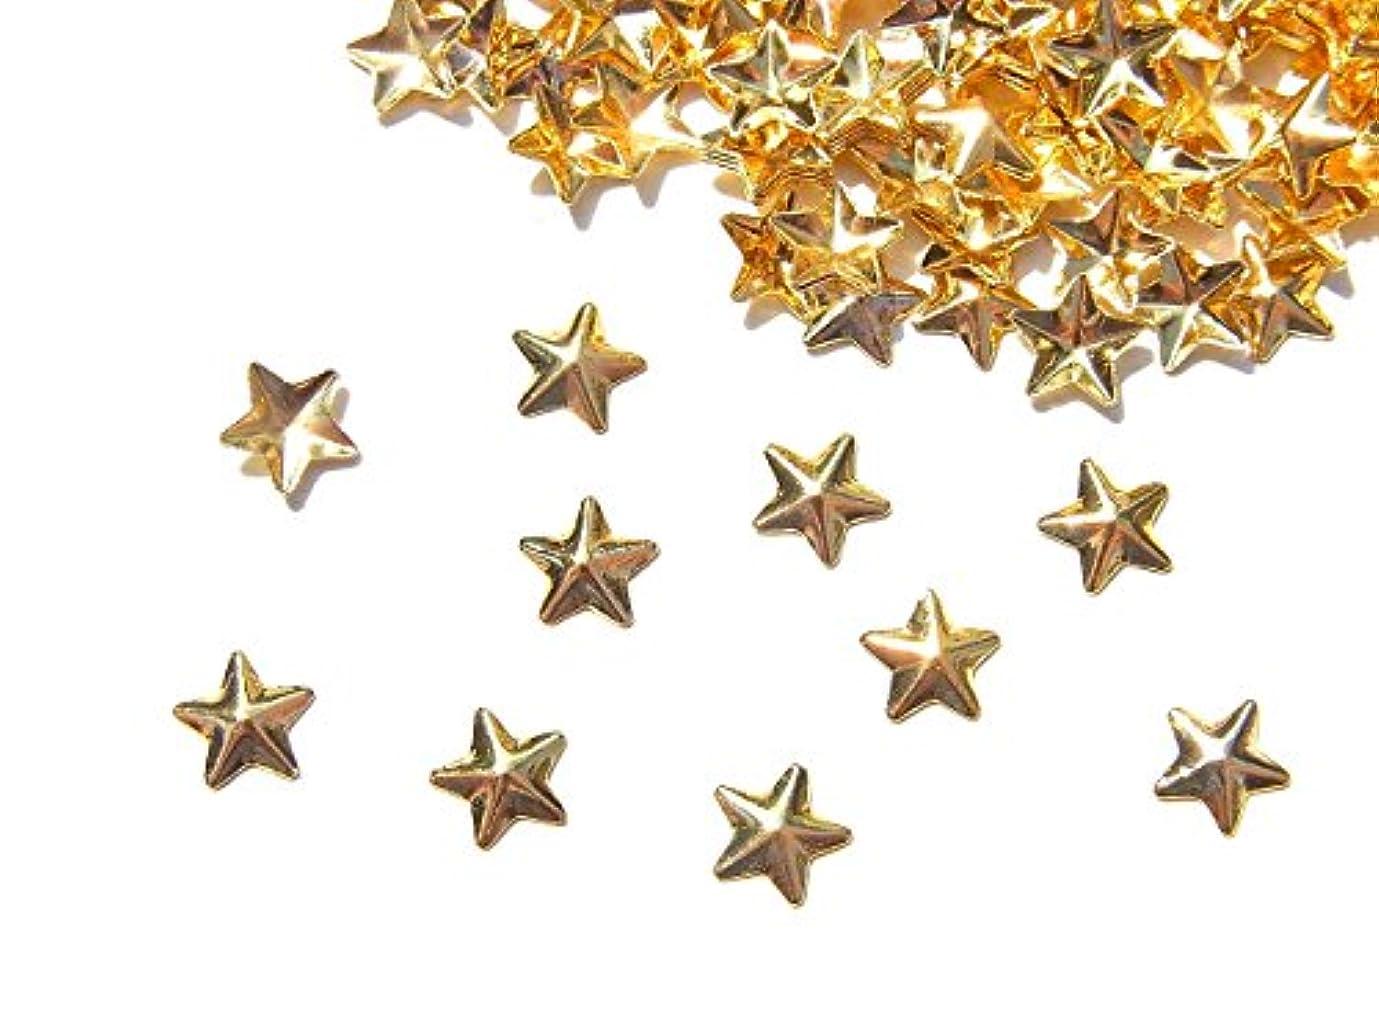 虚栄心知性許可【jewel】mp12 ゴールド メタルスタッズ Lサイズ 星10個入り ネイルアートパーツ レジンパーツ